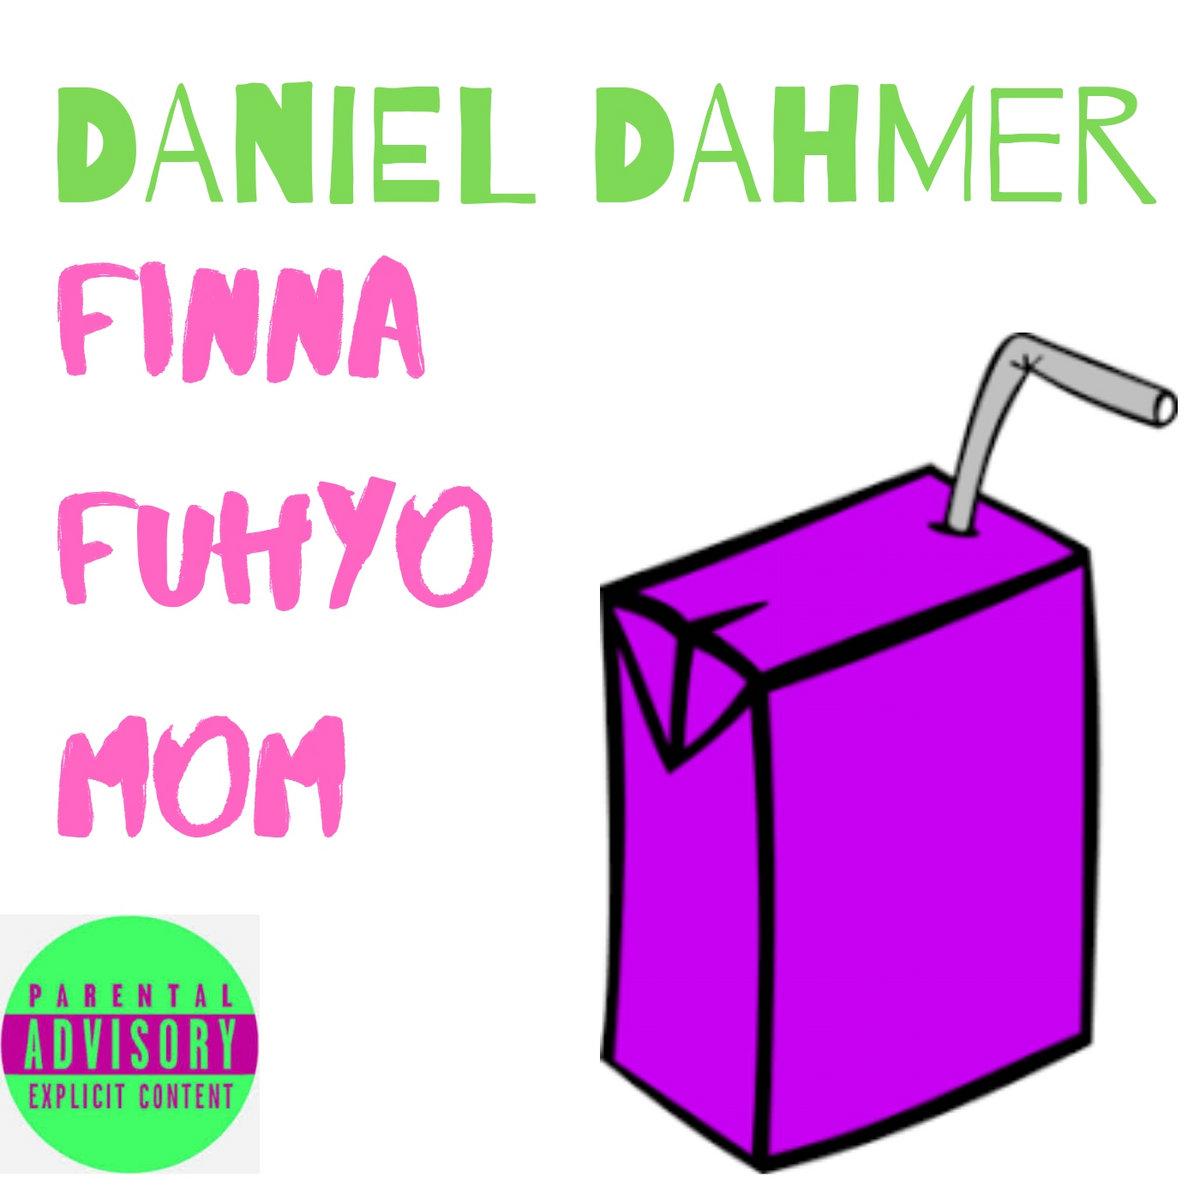 FINNA FUHYO MOM by Daniel Dahmer